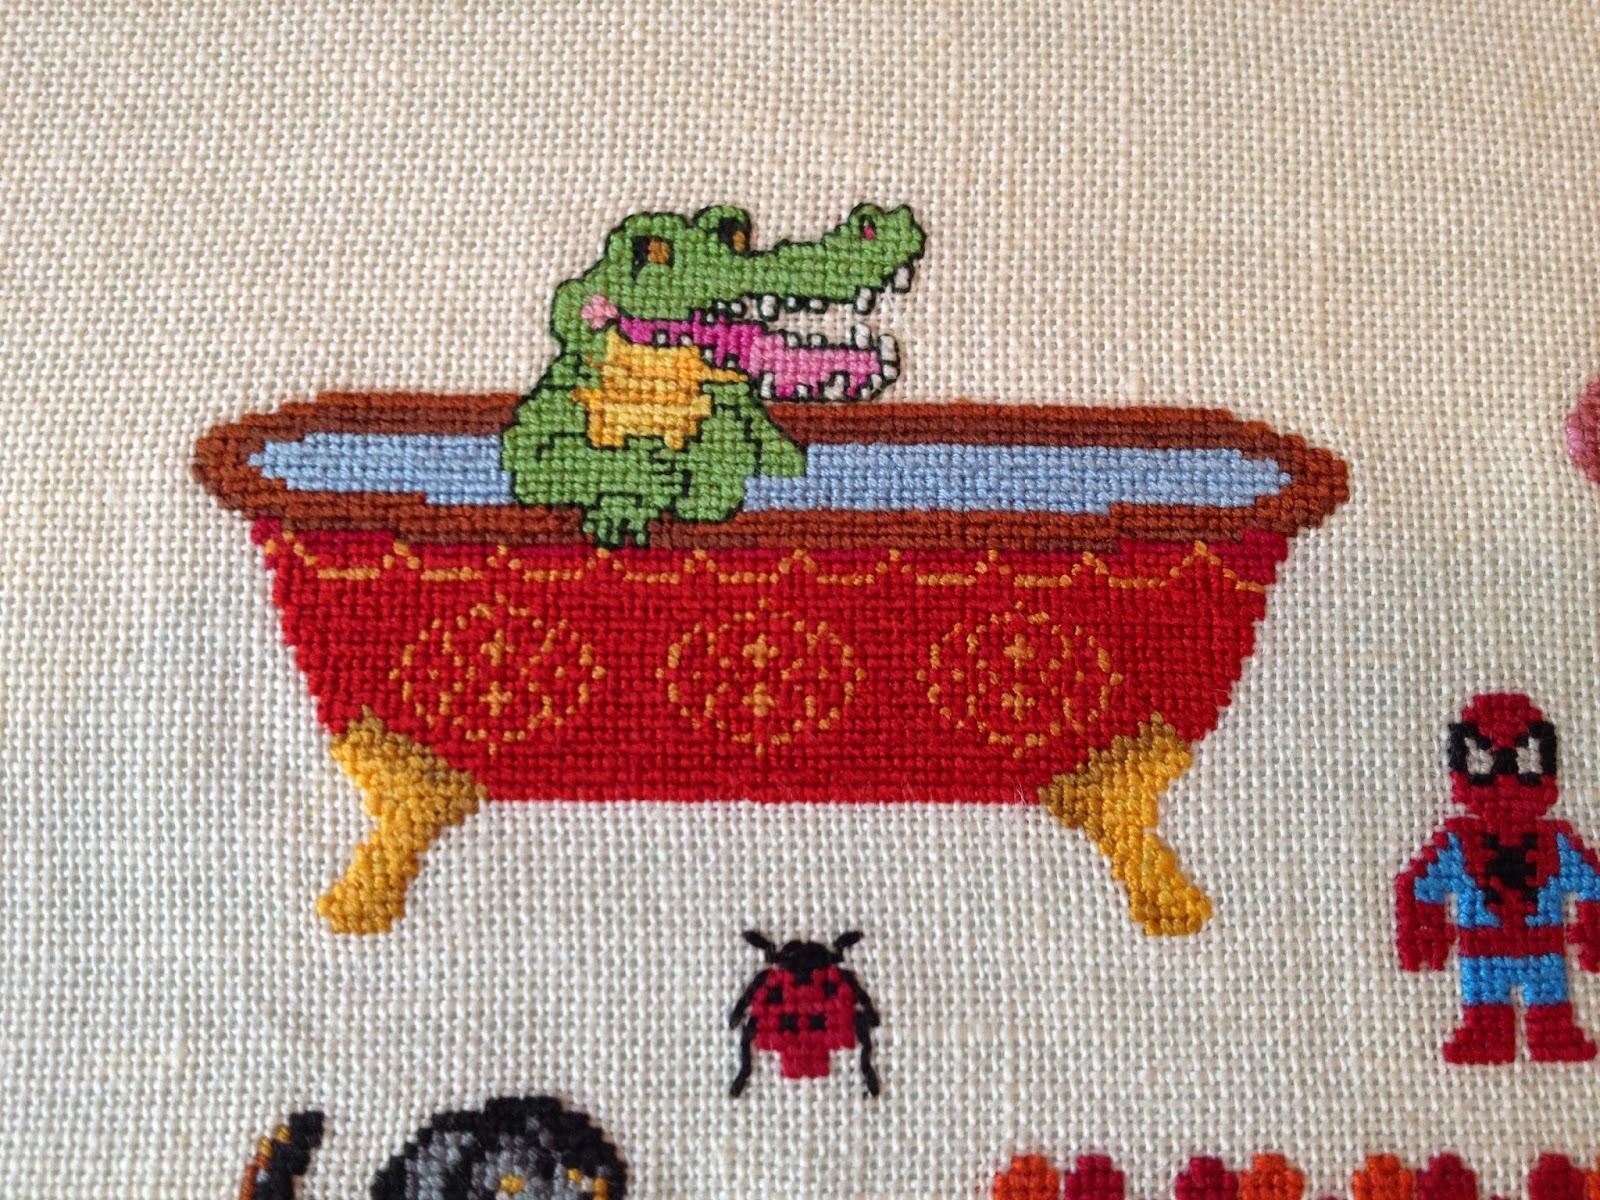 Krokodille i et badekar. Spidermand, Mariehøne. Navnebroderi i korssting. Navneklud. Fødselsbroderi.